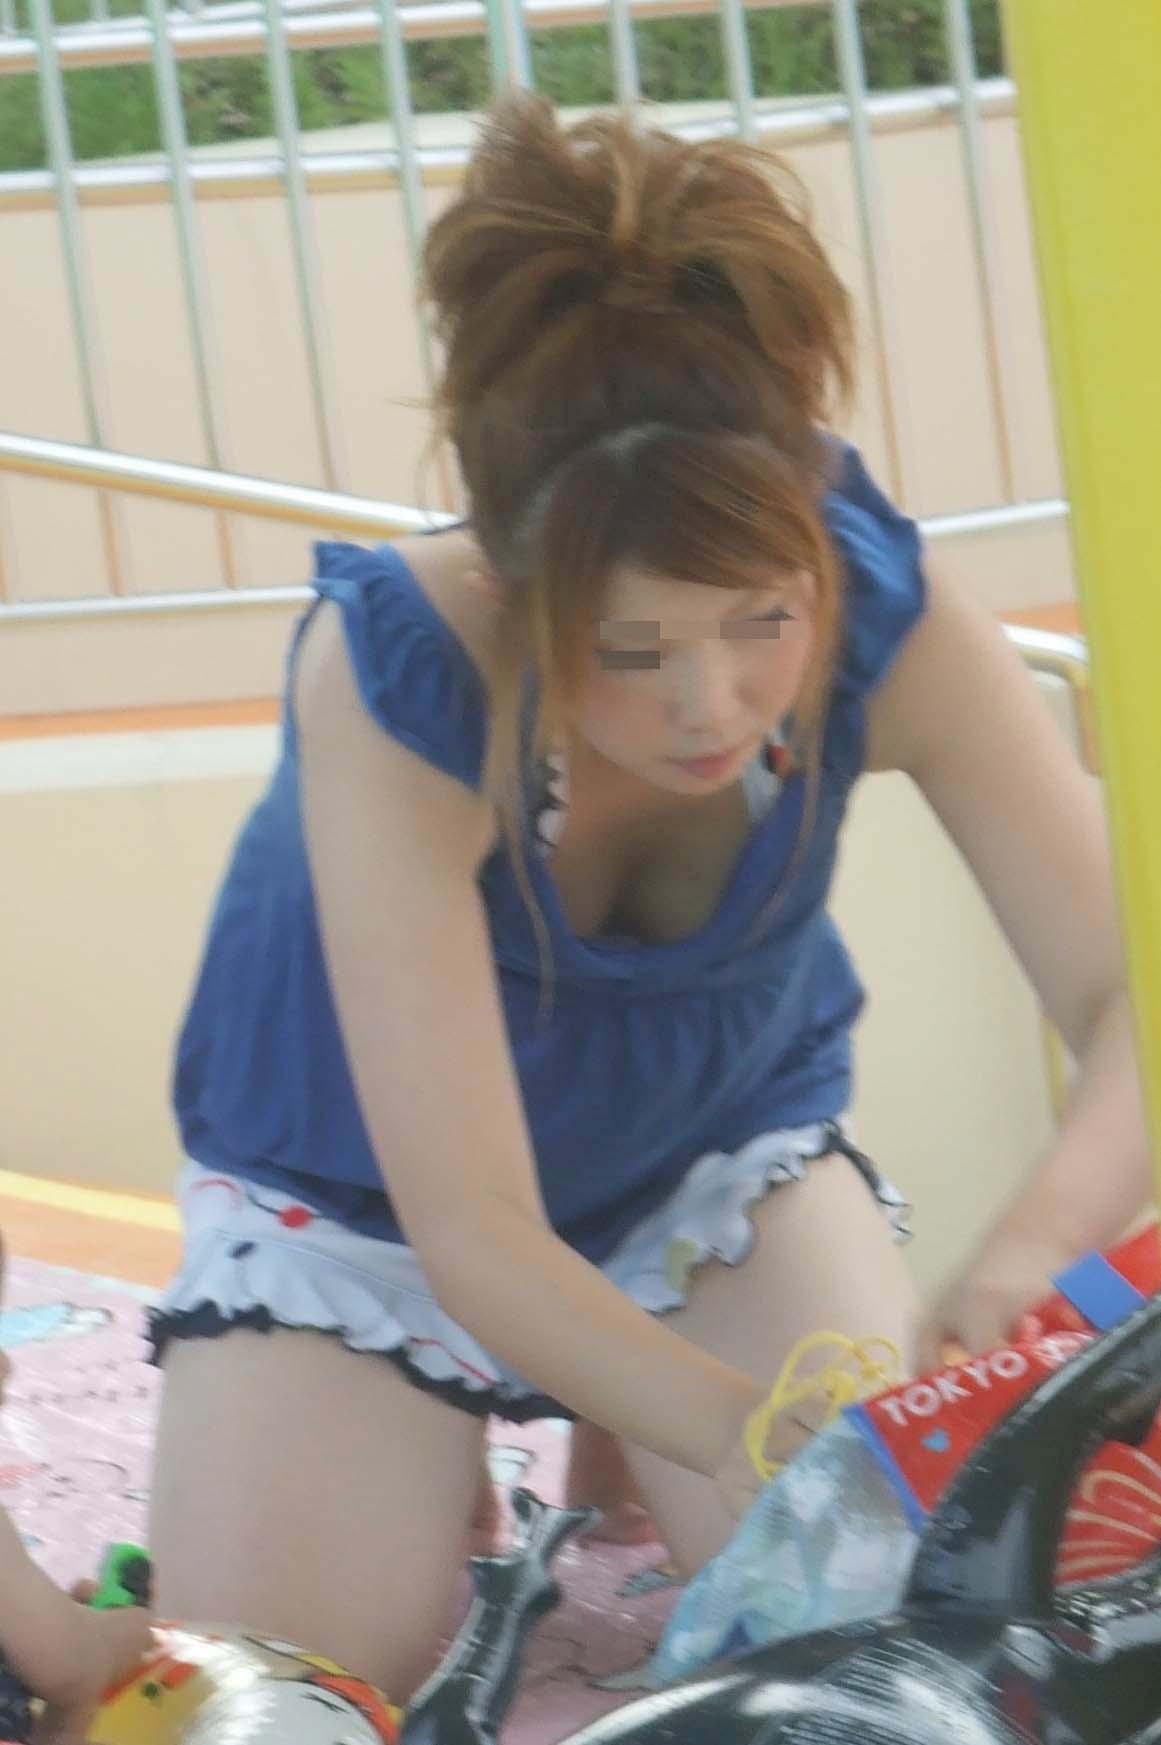 【ガチな素人】 22歳 Gカップ女子 みおなさん 【素人・ナンパ】